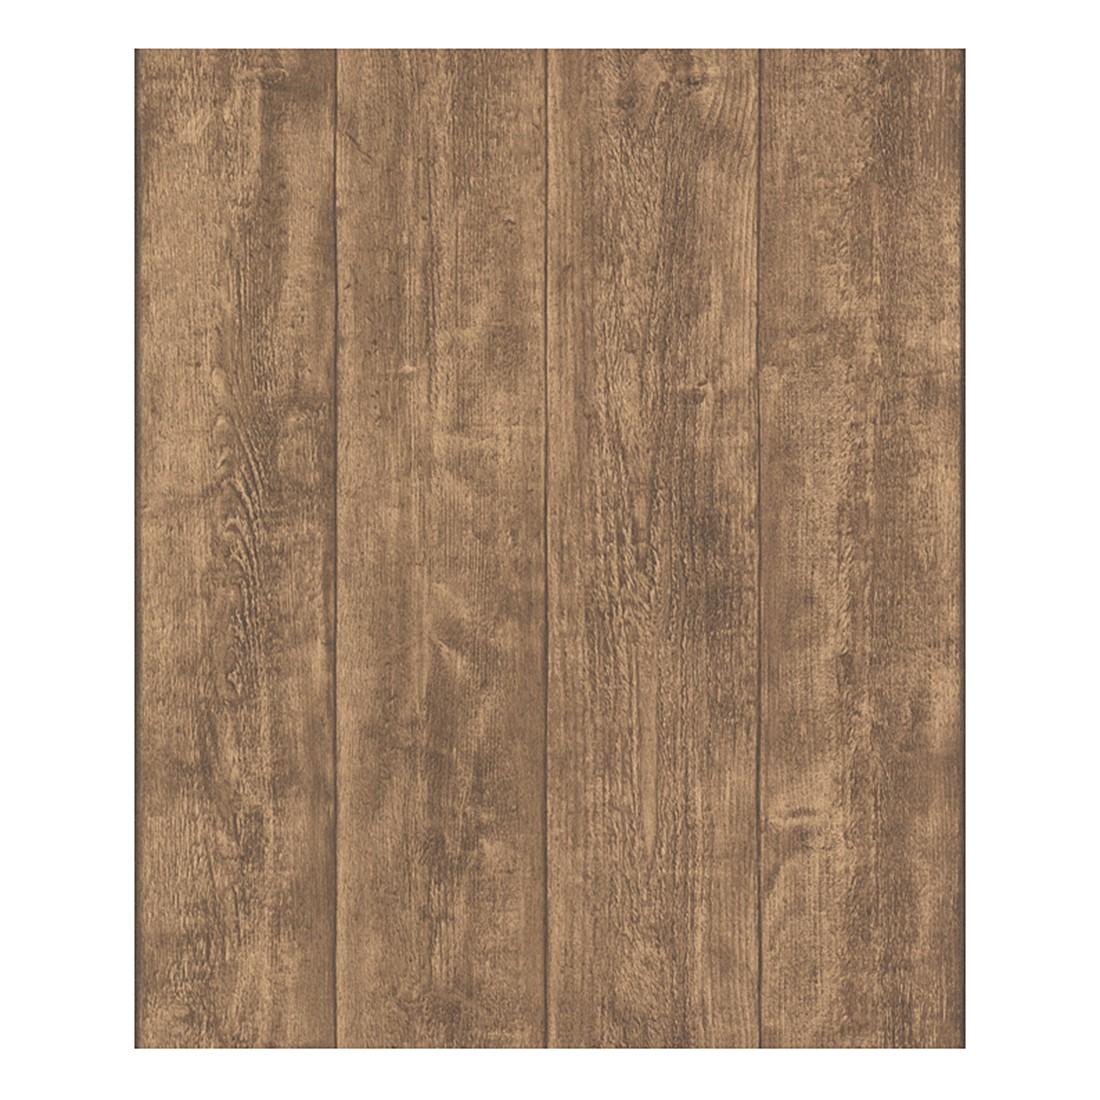 Tapete Wood and Stone – braun – fein strukturiert, Home24Deko günstig